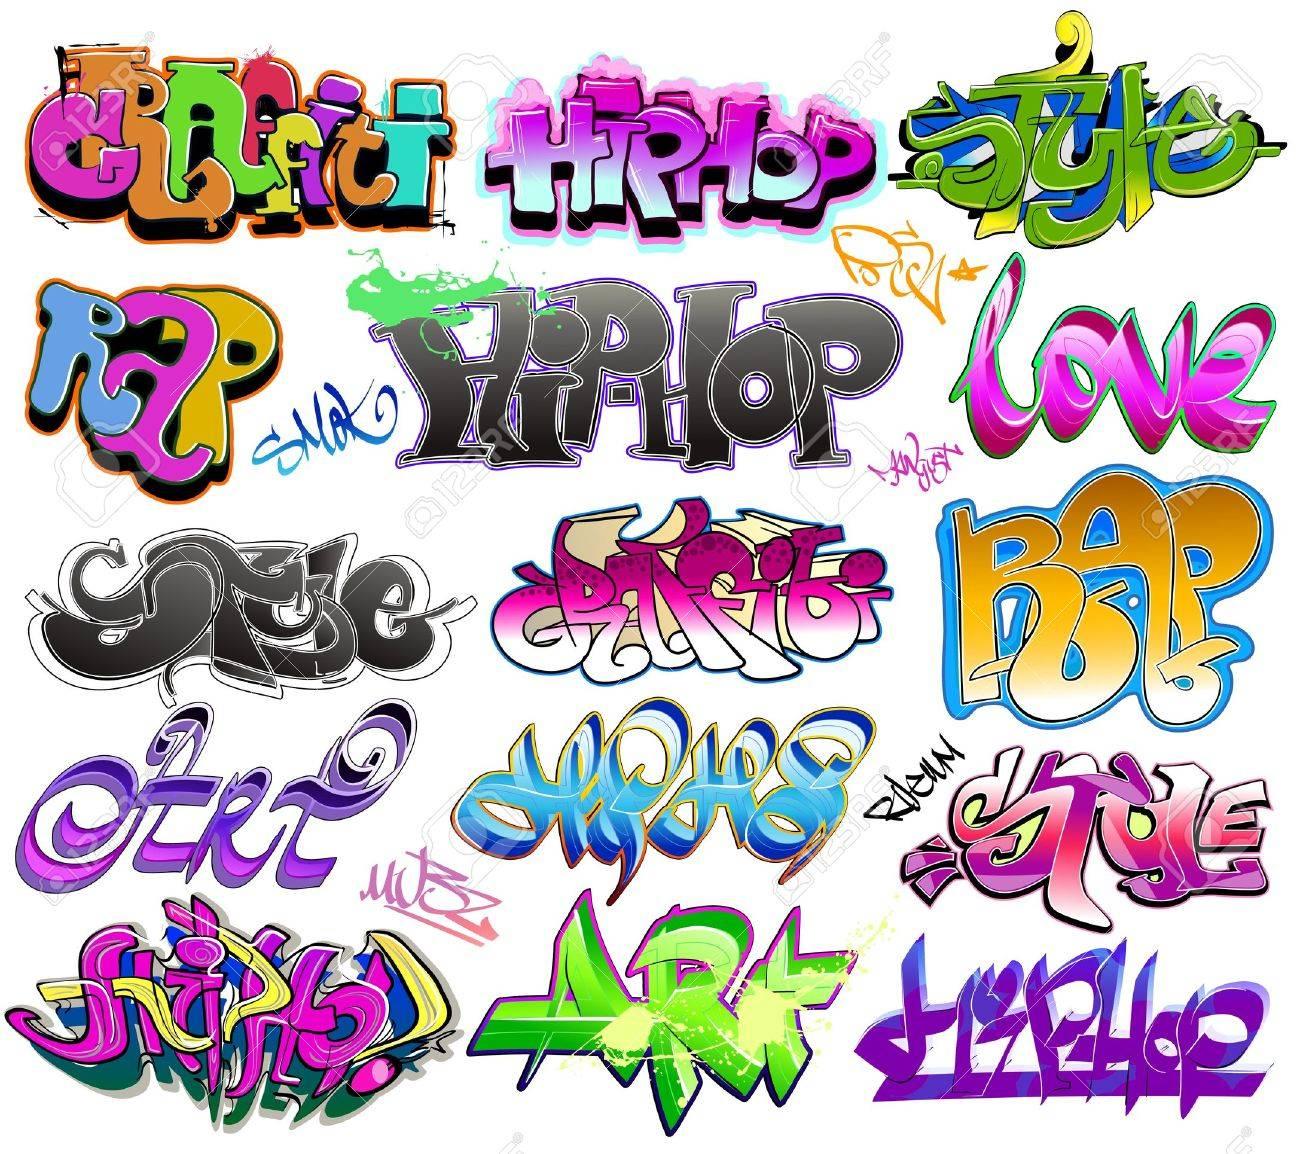 Graffiti urban art vector set stock vector 11485958